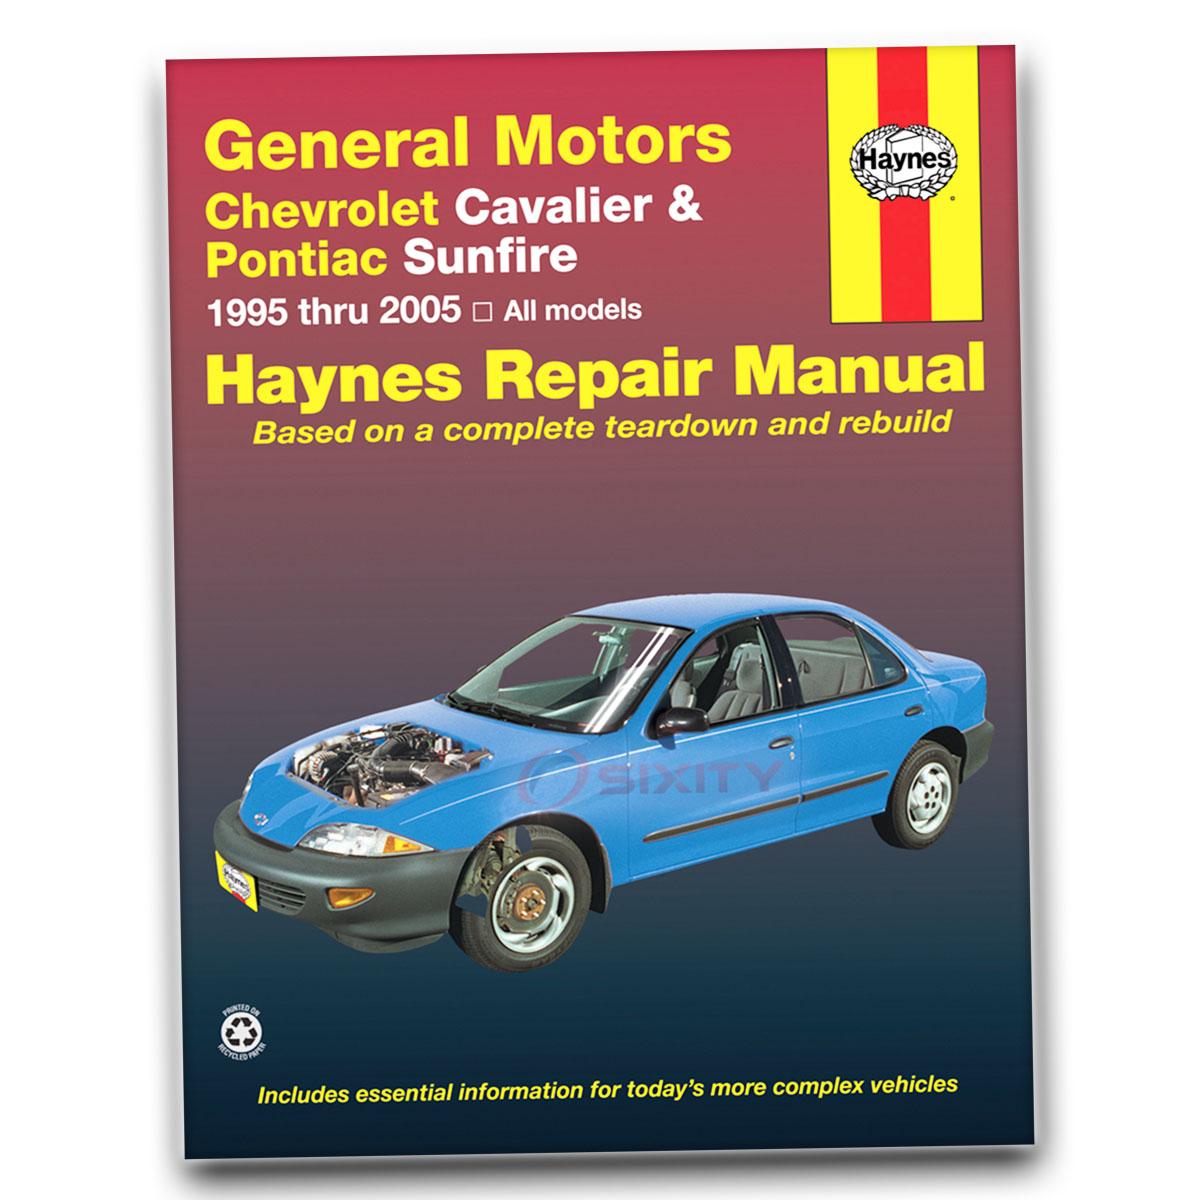 pontiac sunfire haynes repair manual gt base se shop service garage rh ebay com 2002 Pontiac Sunfire 2002 Pontiac Sunfire